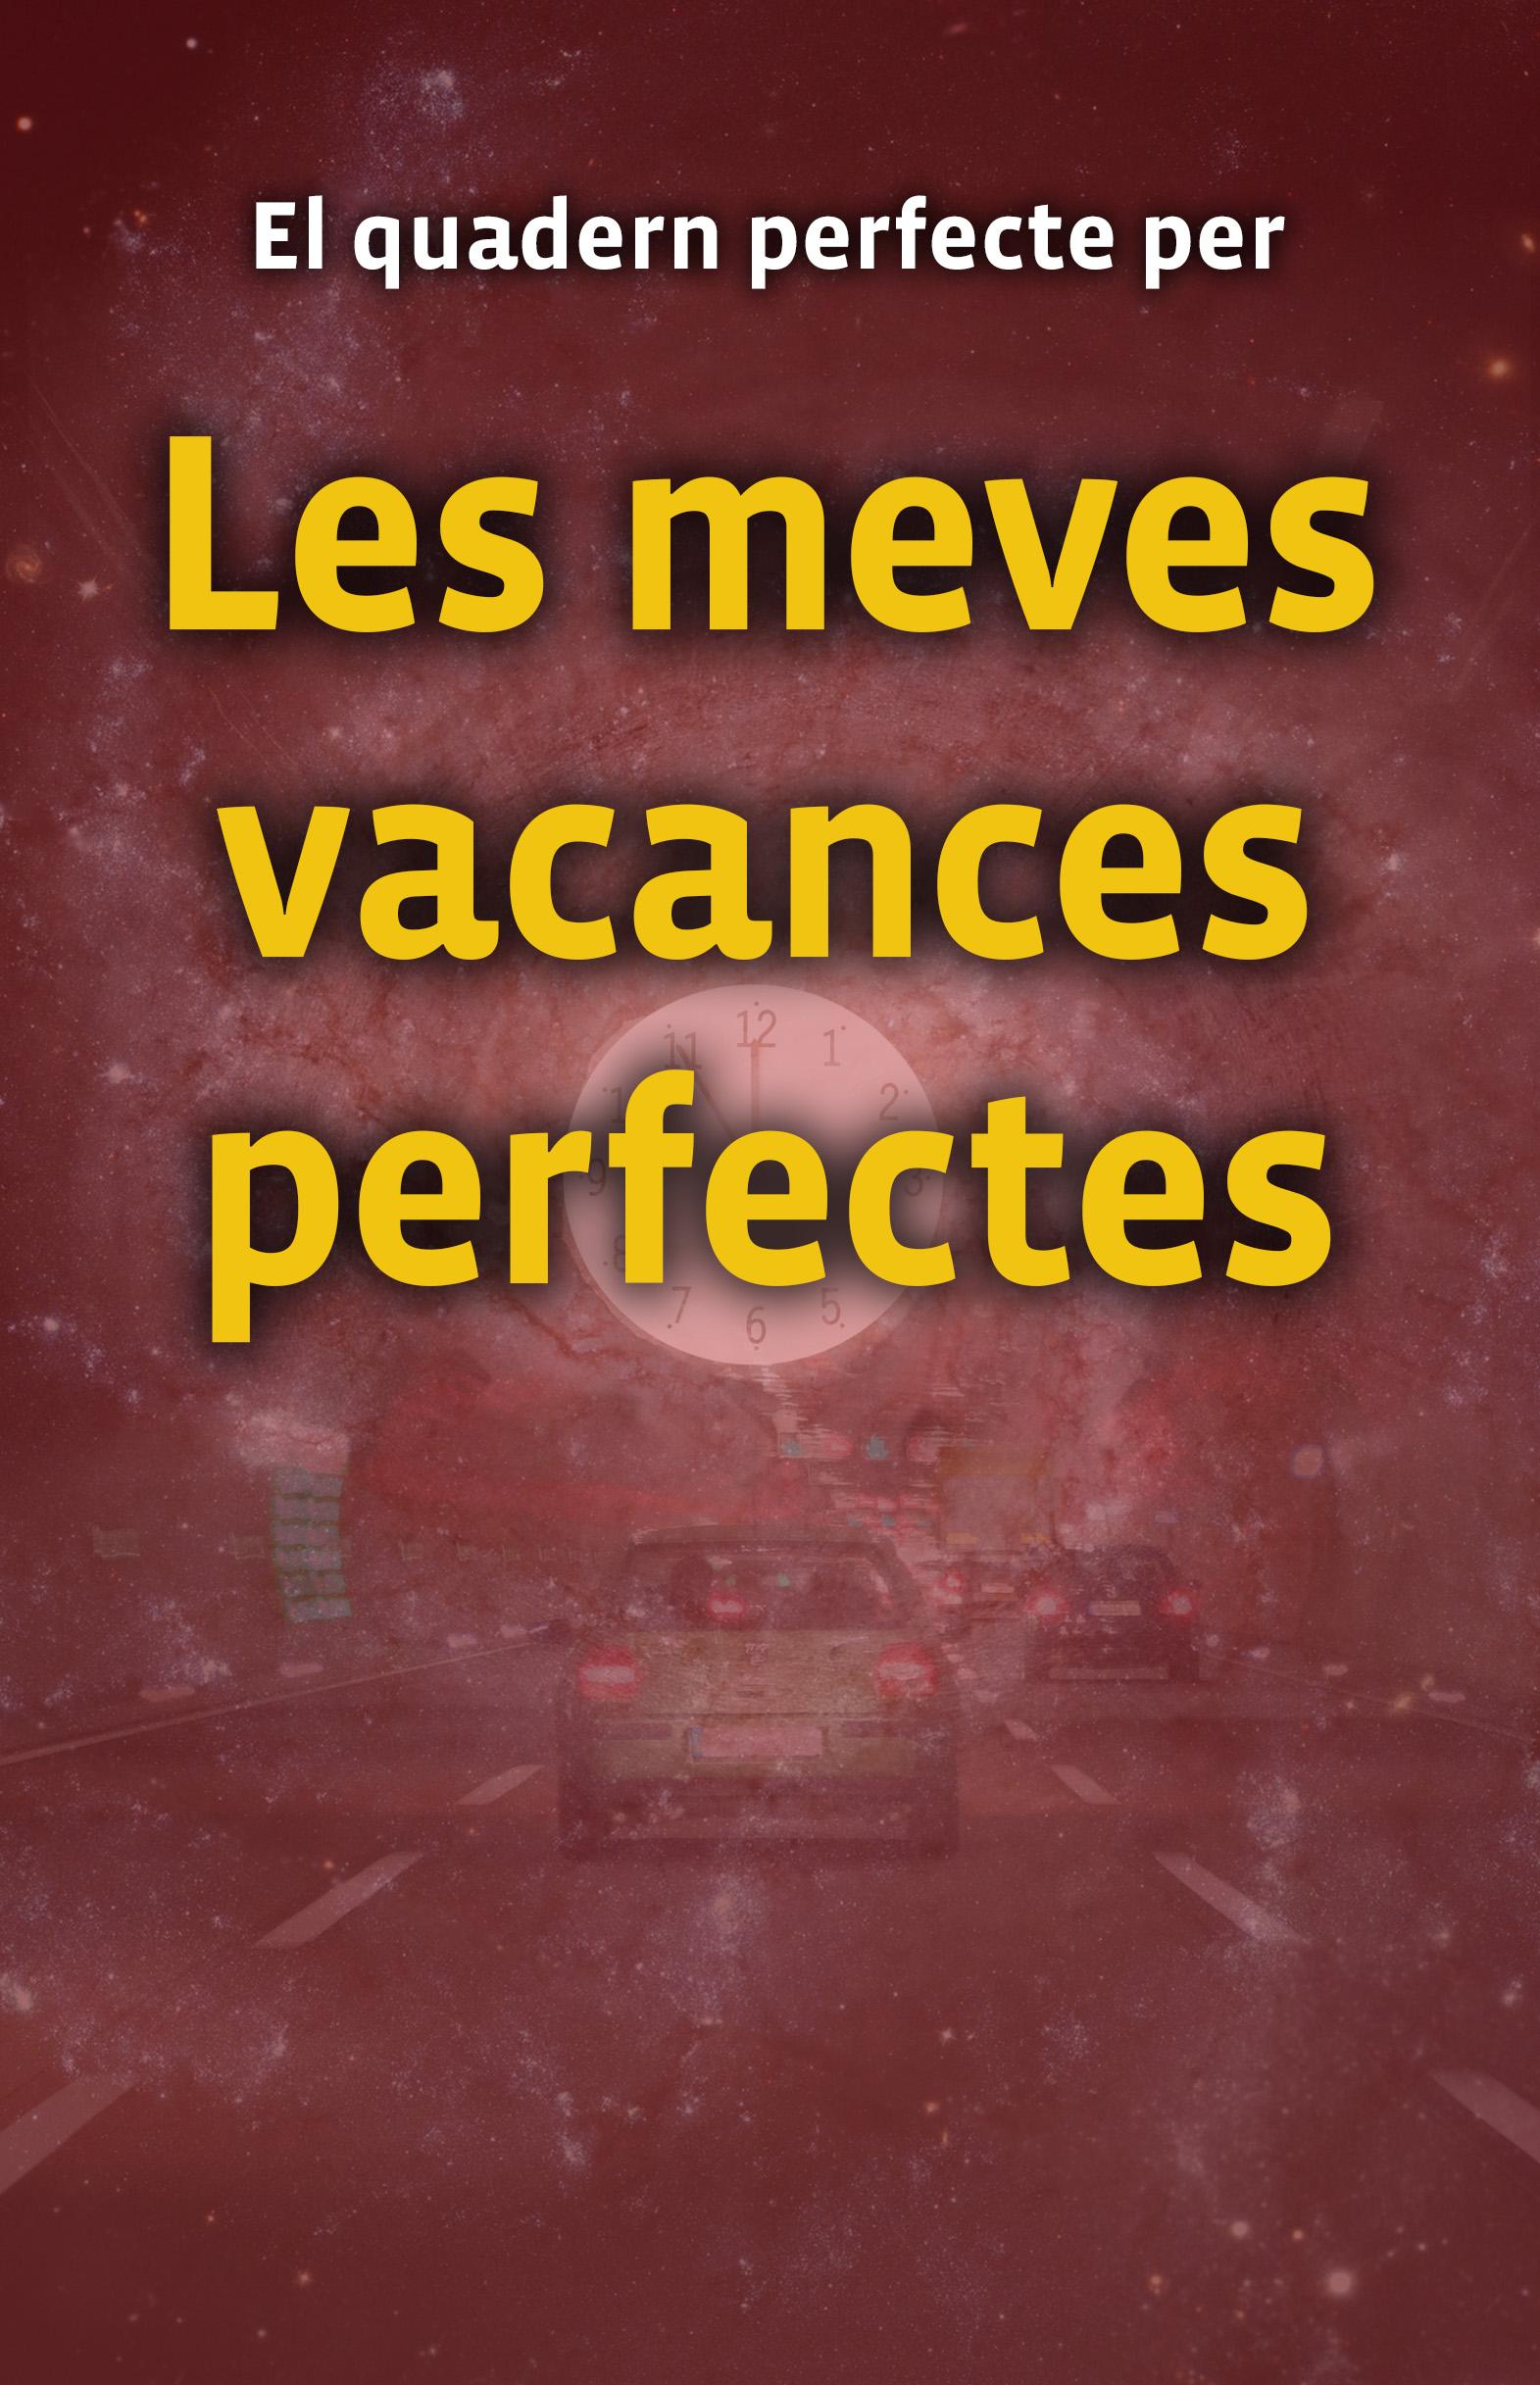 Quadern Les Meves Vacances Perfectes-vermell